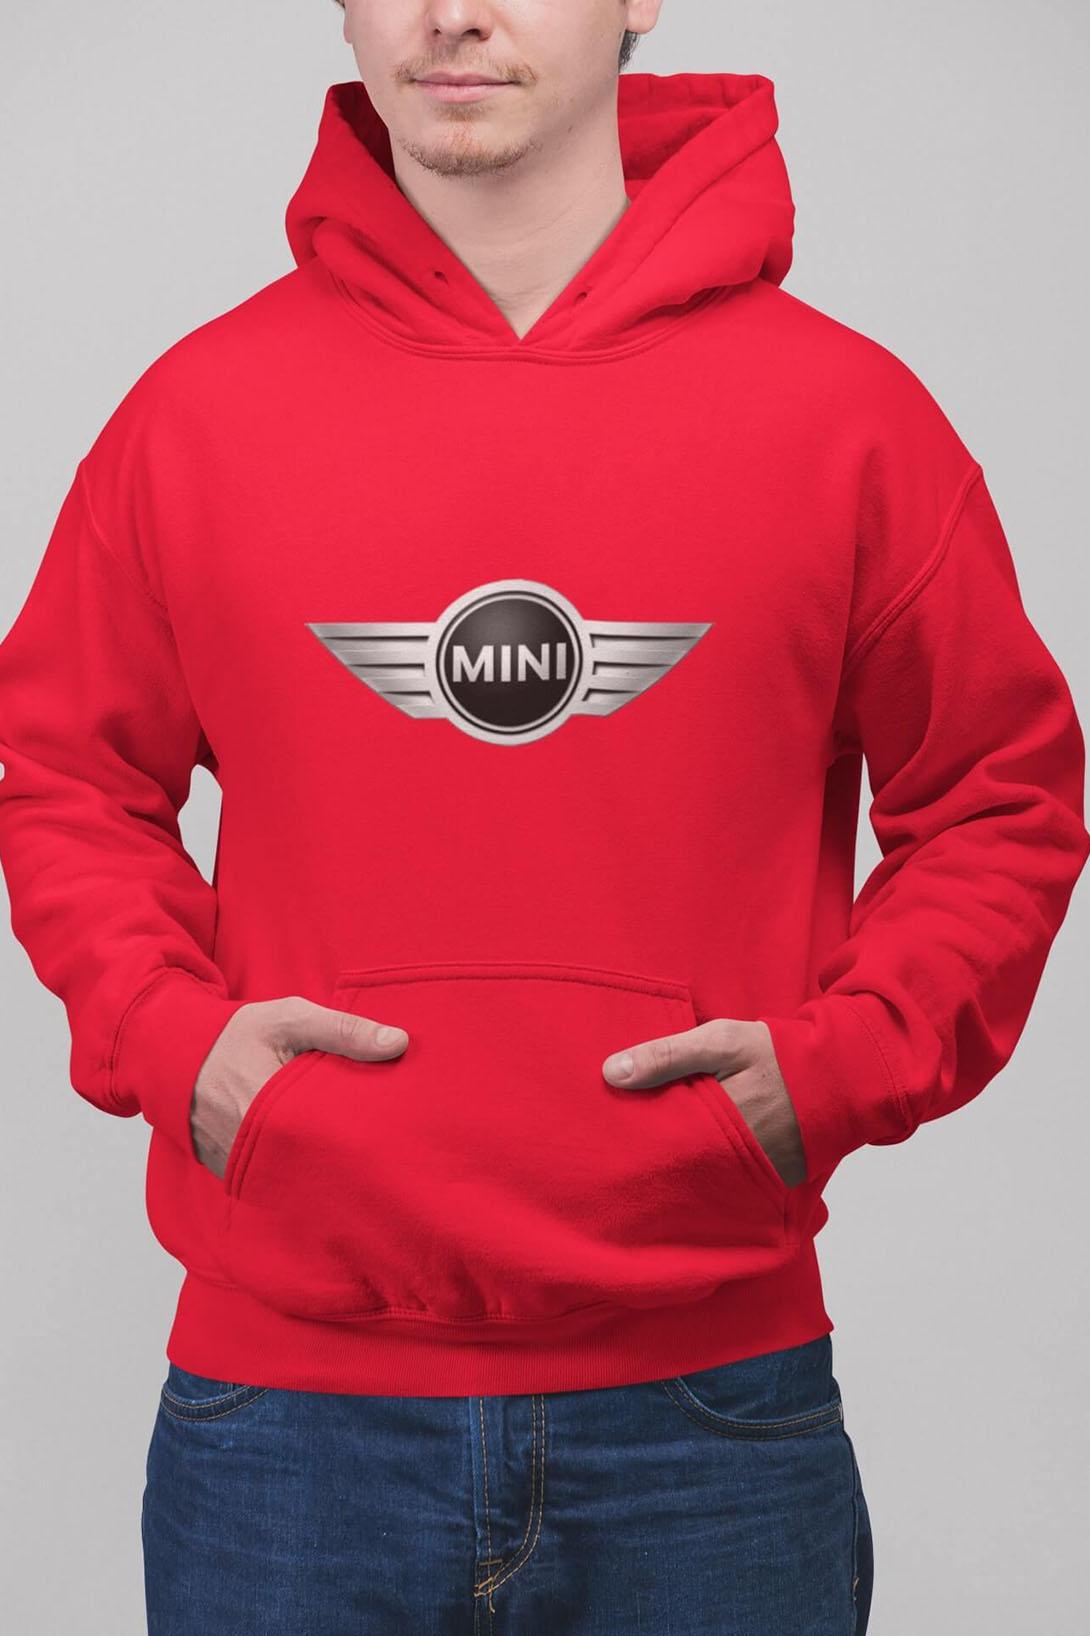 MMO Pánska mikina s logom auta Mini Farba: Čierna, Vyberte farbu:: 2XL